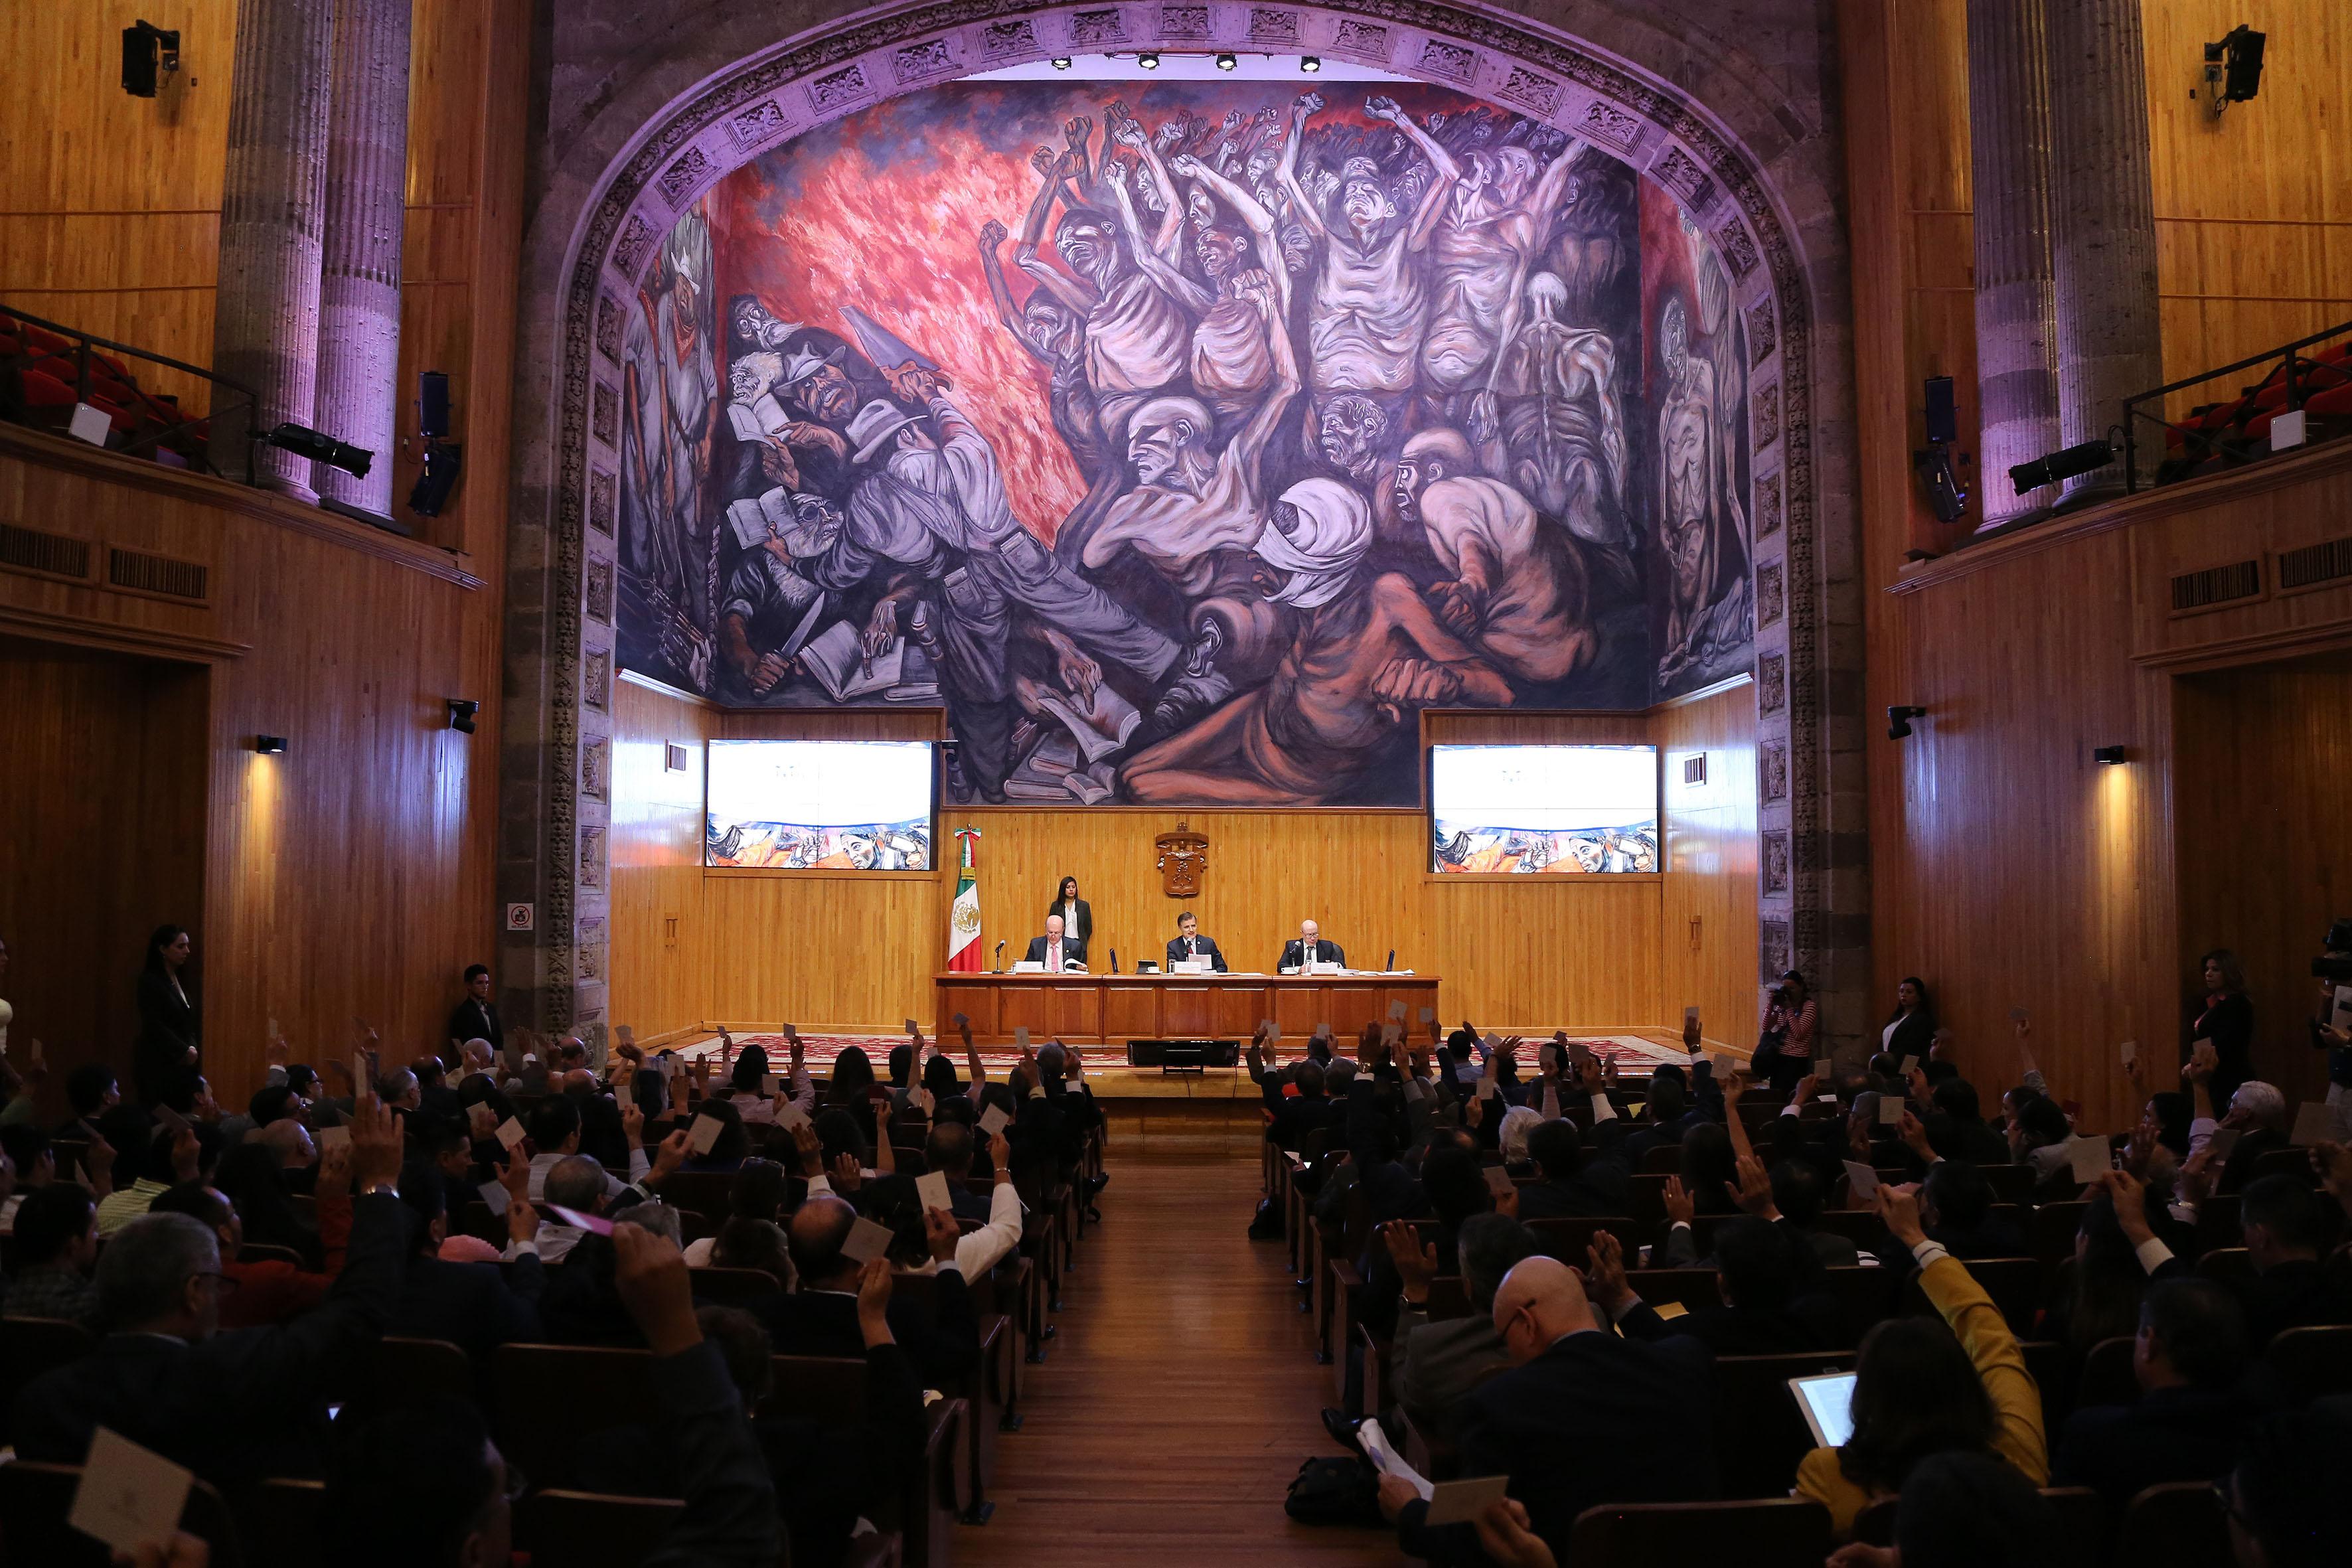 Sesión extraordinaria de este lunes 18 de septiembre, celebrada en el Paraninfo Enrique Díaz de León.